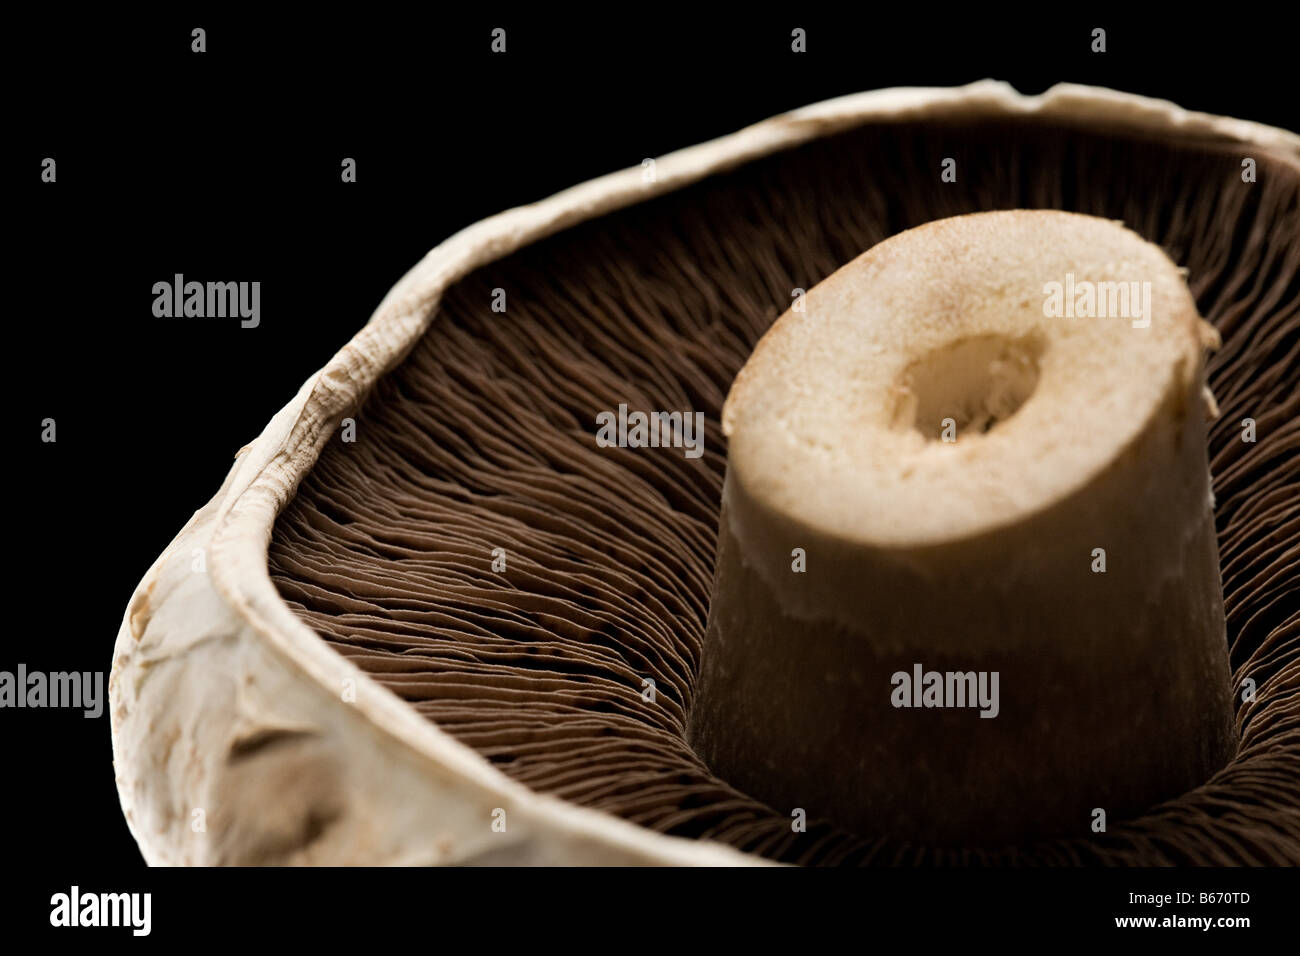 A mushroom - Stock Image